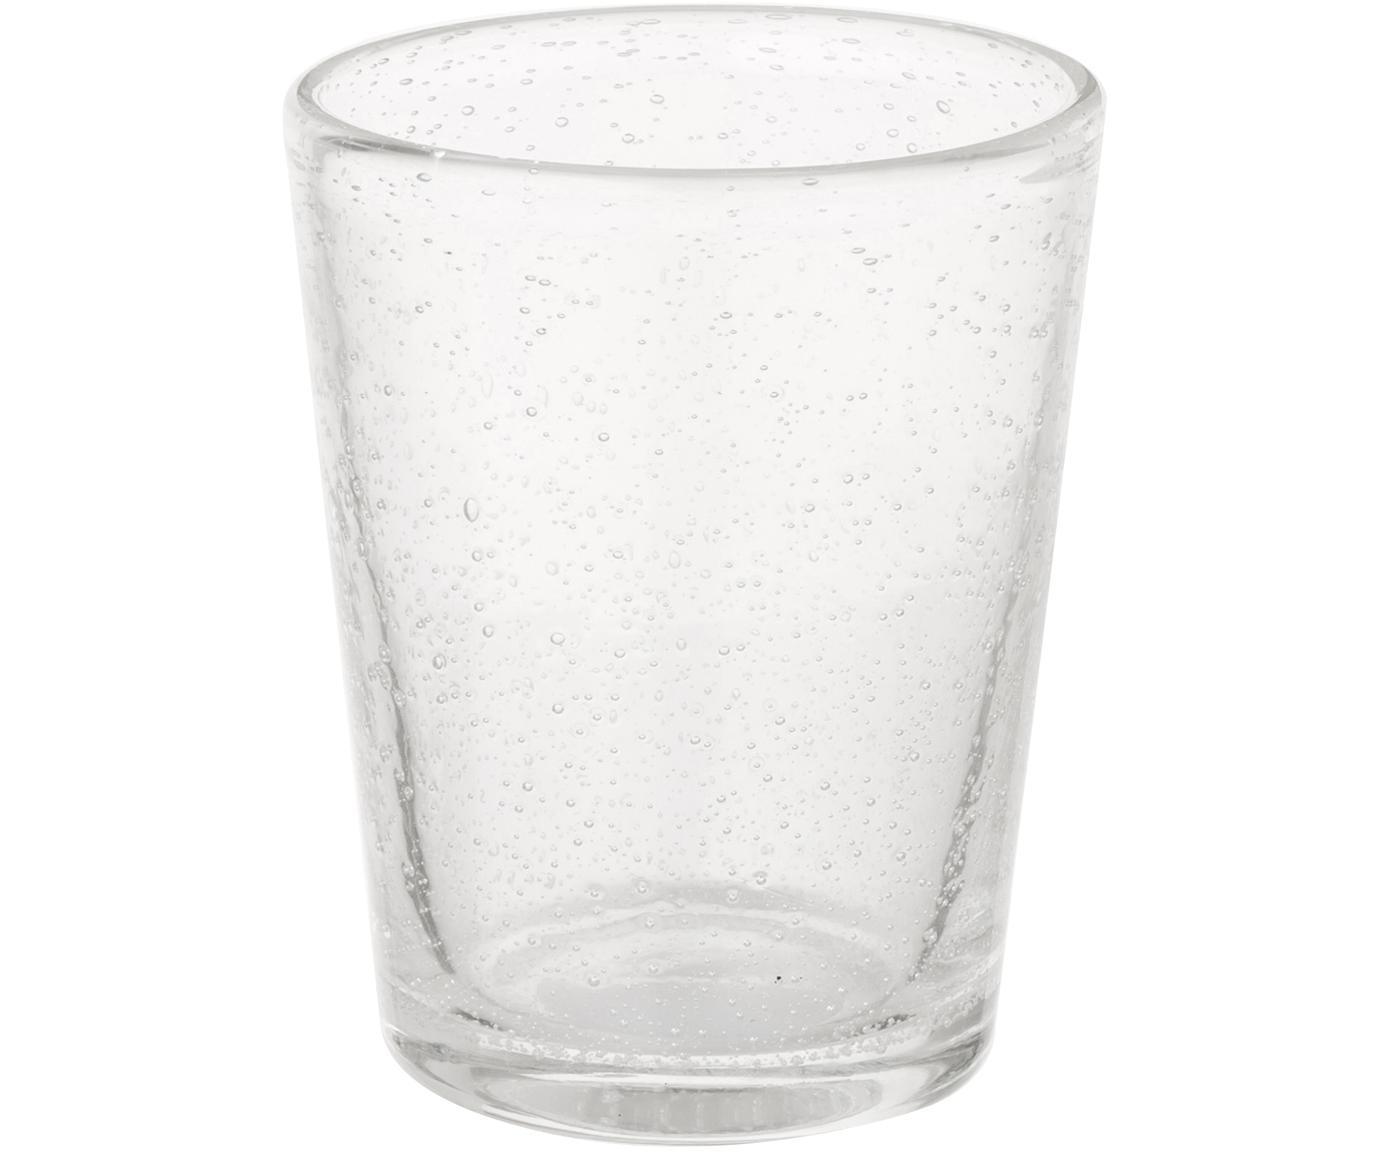 Vasos de vidrio soplado Bubble, 4uds., Vidrio soplado, Transparente con burbujas de aire, Ø 8 x Al 10 cm